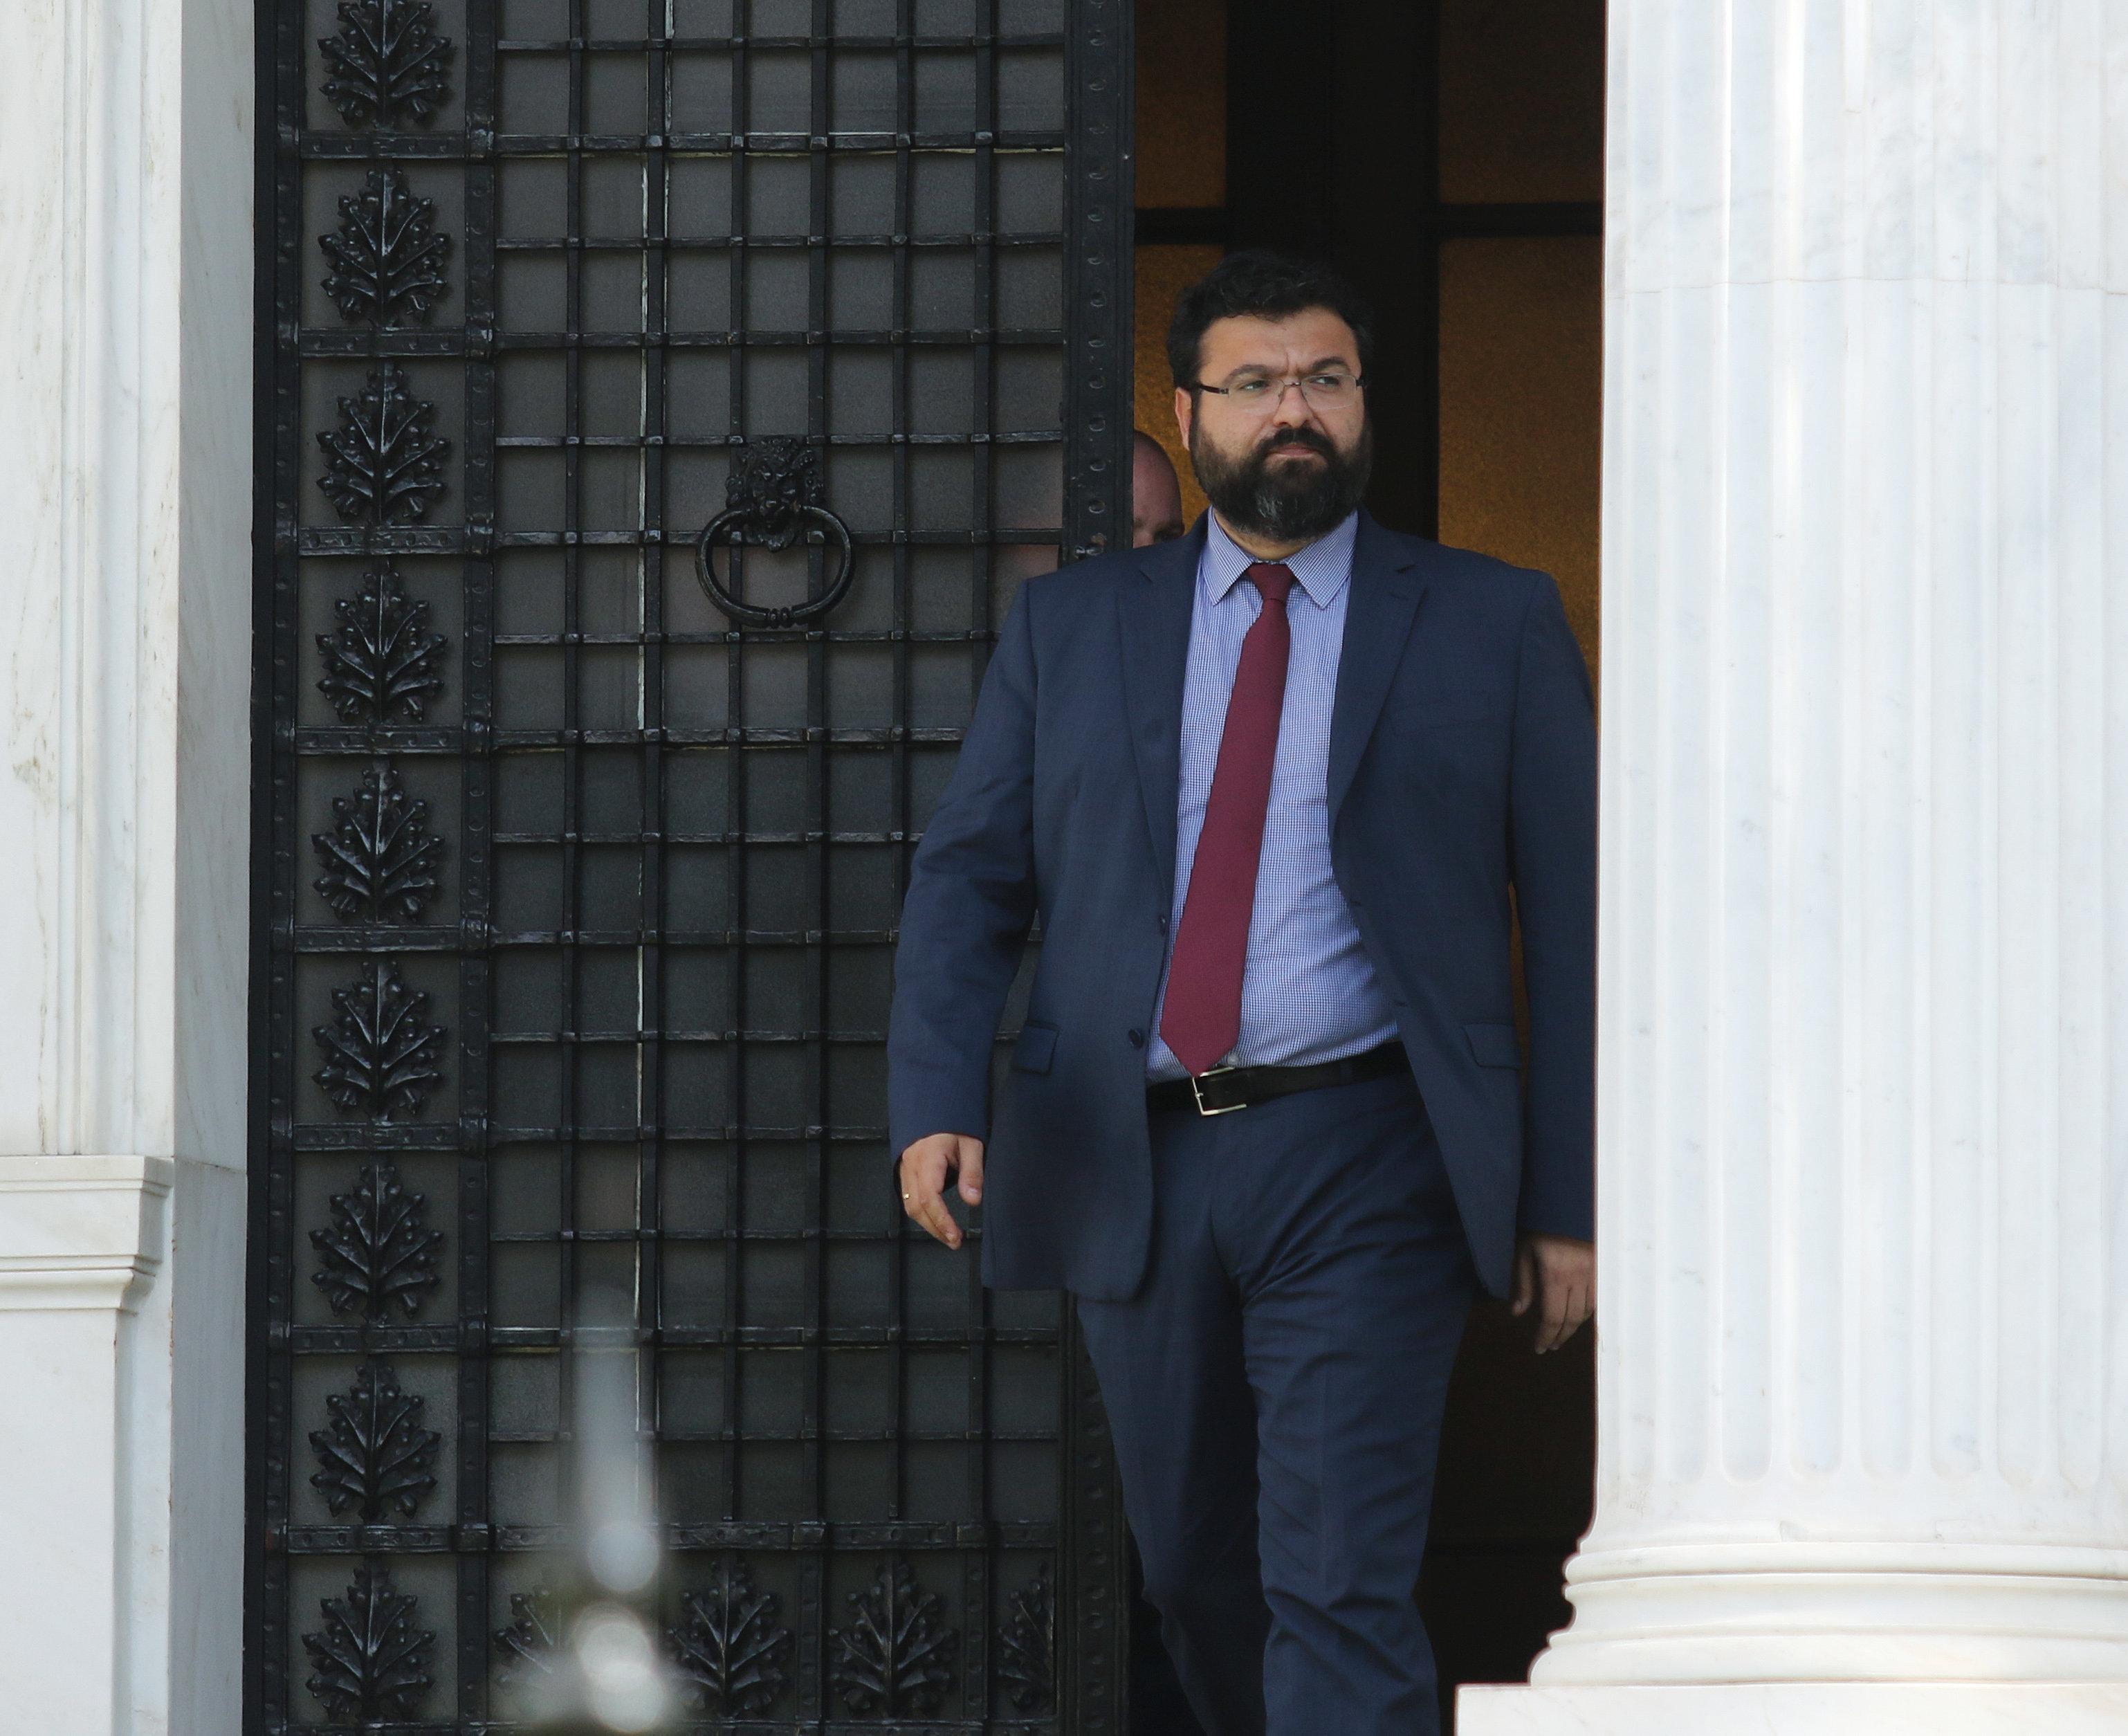 Βασιλειάδης: Ας γίνει Grexit στο ποδόσφαιρο, δεν μας